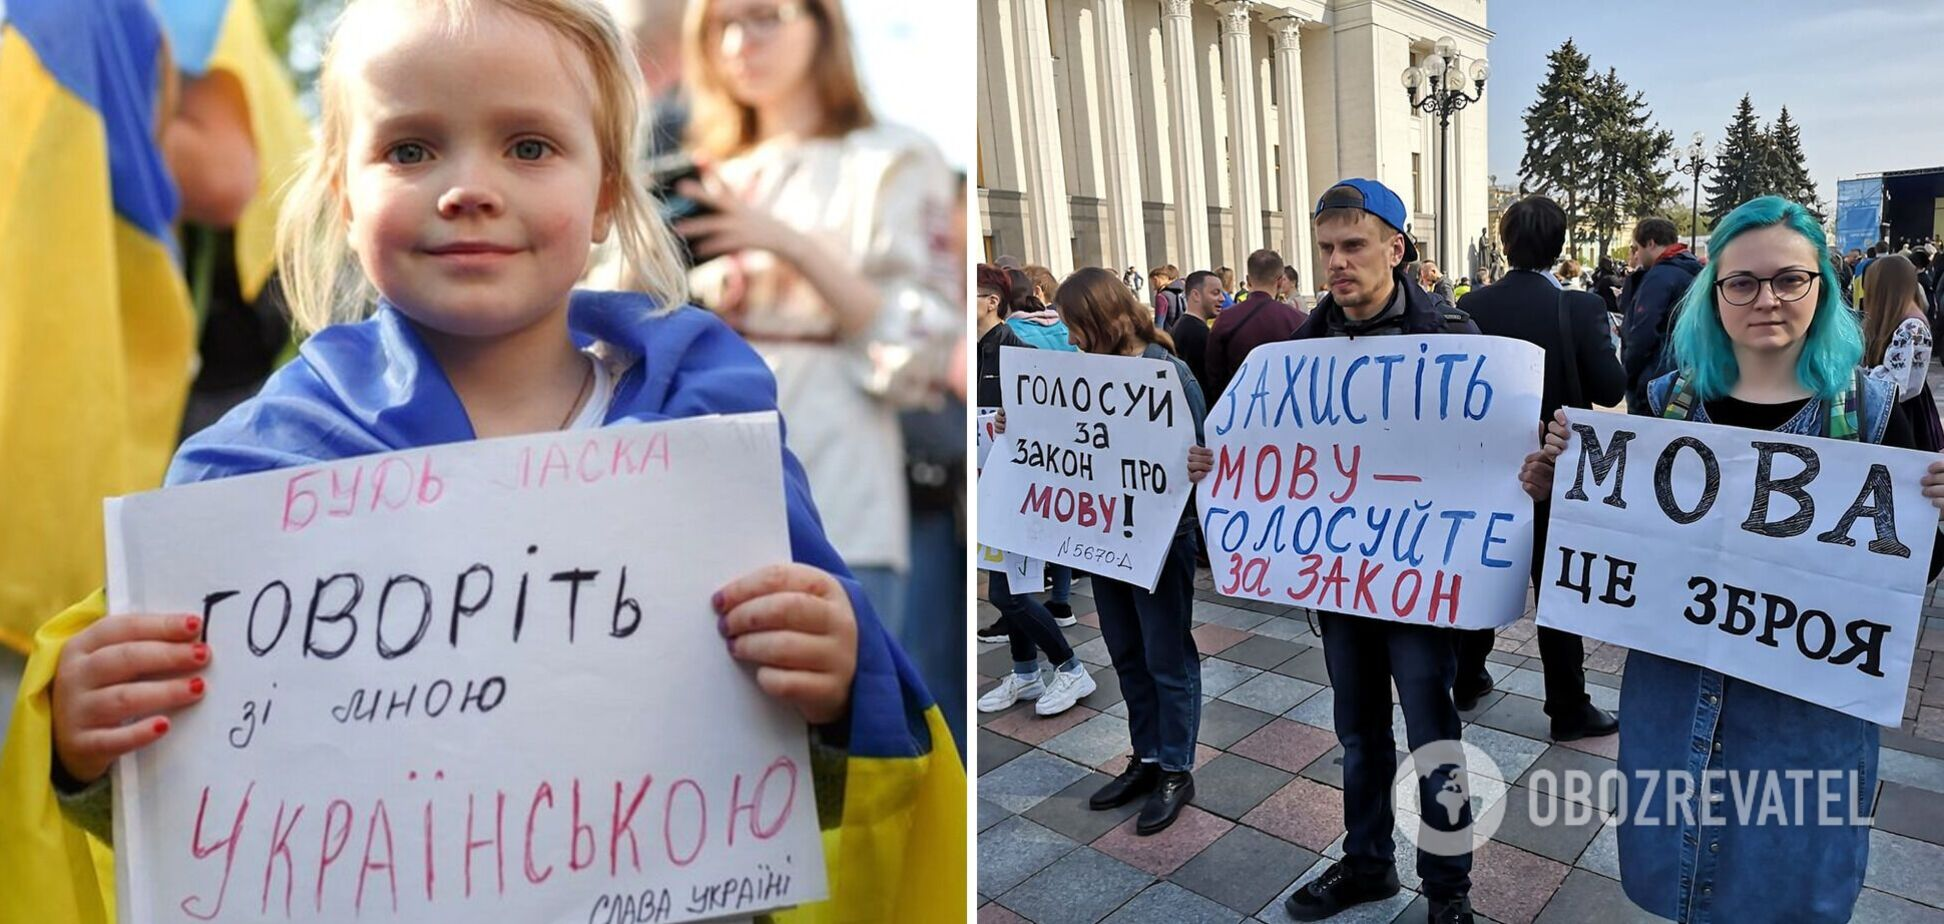 Украинский язык вытесняет русский, он стал политическим инструментом и это хорошо – профессор